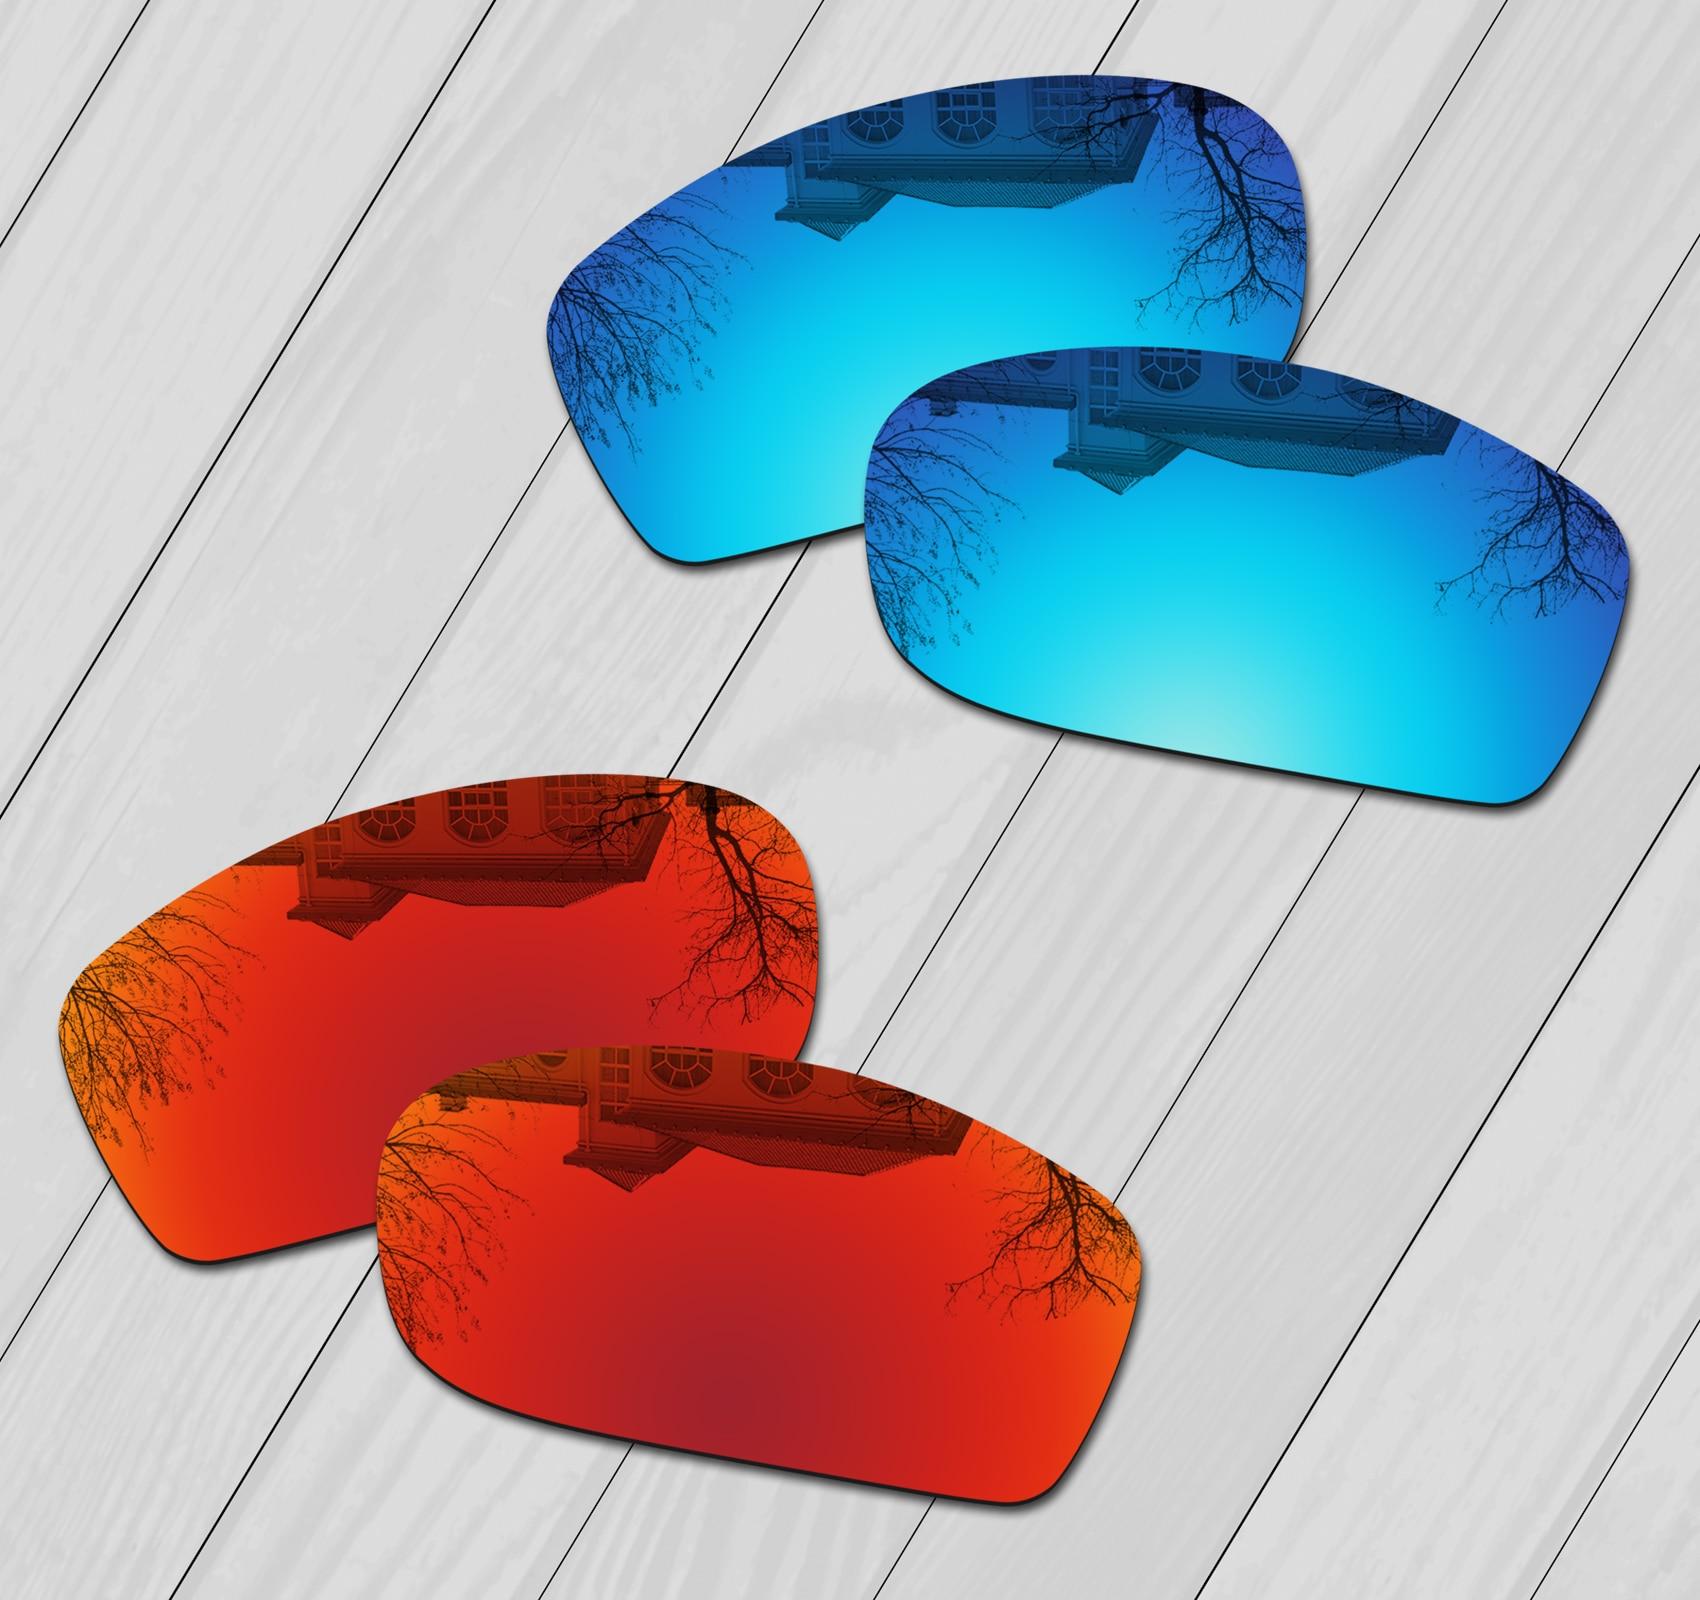 E.O.S 2 أزواج الجليد الأزرق و النار الأحمر مرآة الاستقطاب استبدال العدسات ل أوكلي كبيرة مربع سلك النظارات الشمسية